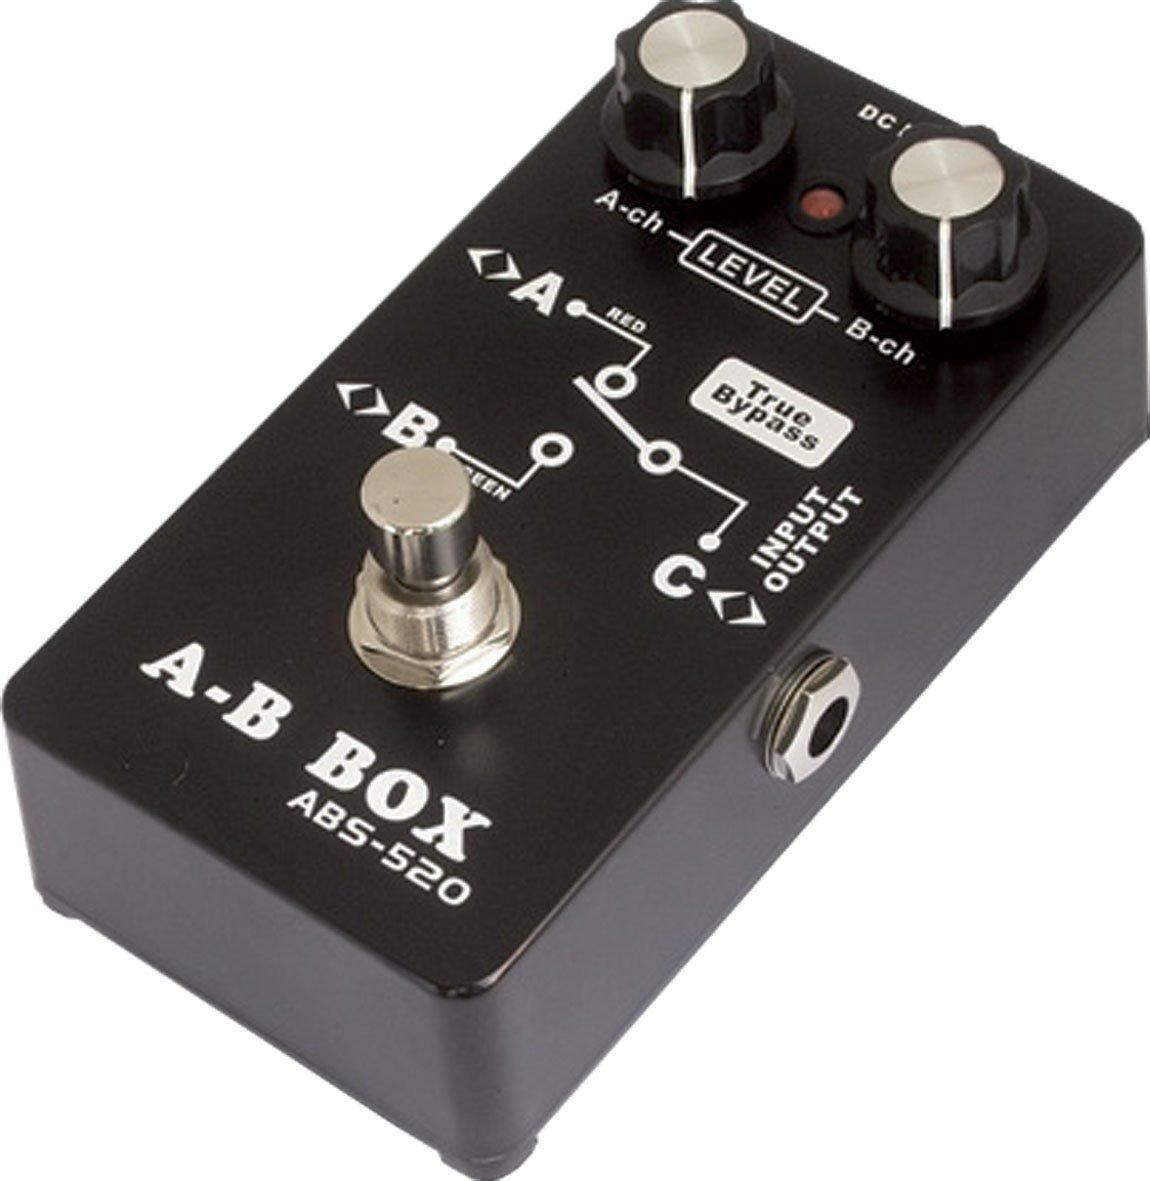 Belcat ABS-520 pedal del amplificador A/B de la guitarra Negro